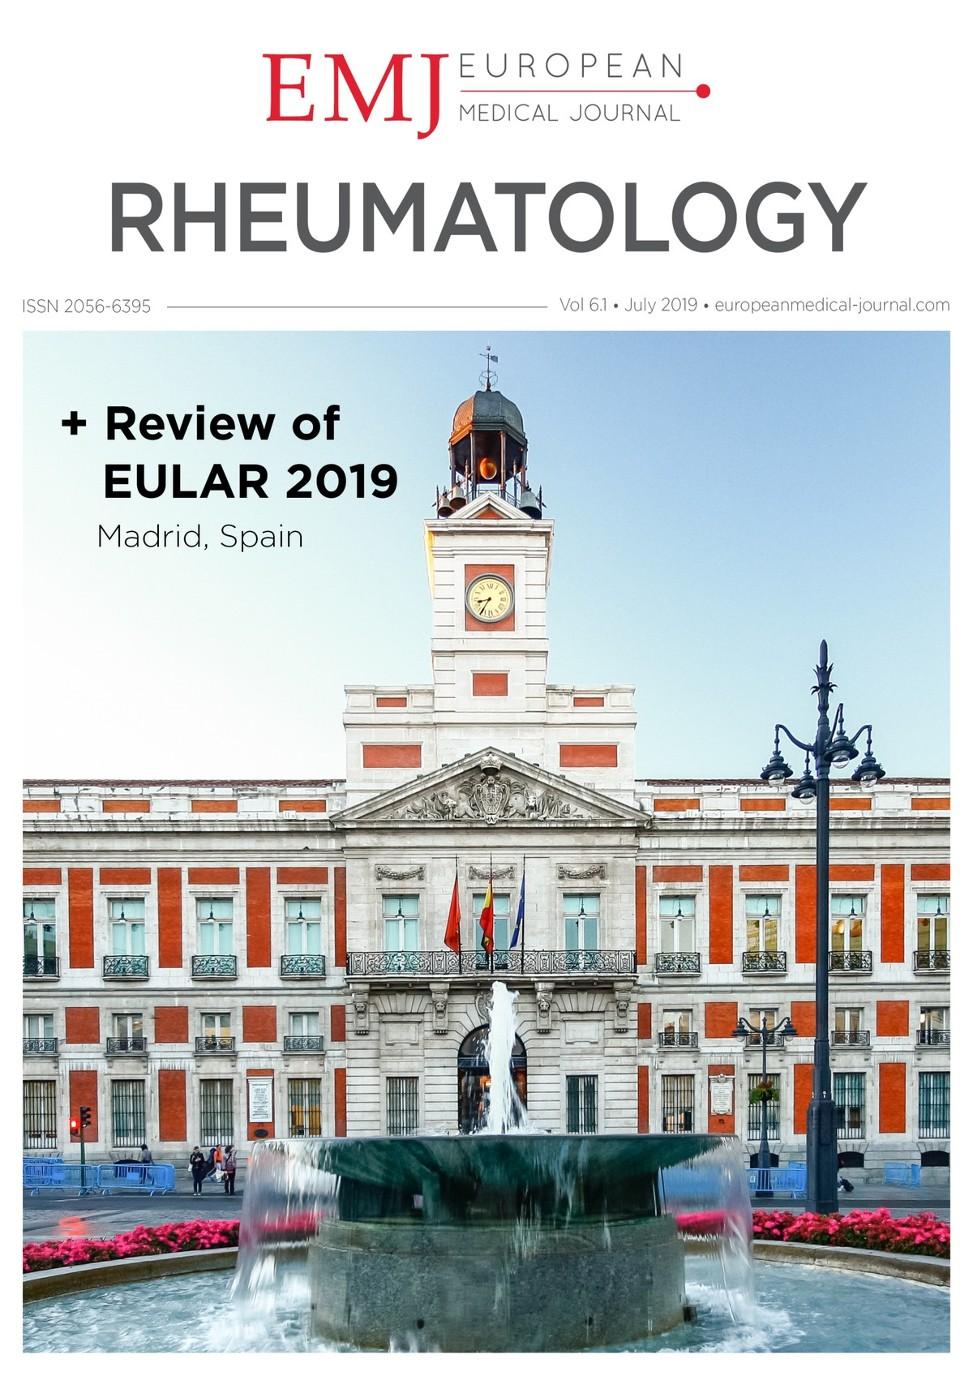 EMJ Rheumatology 6 1 2019